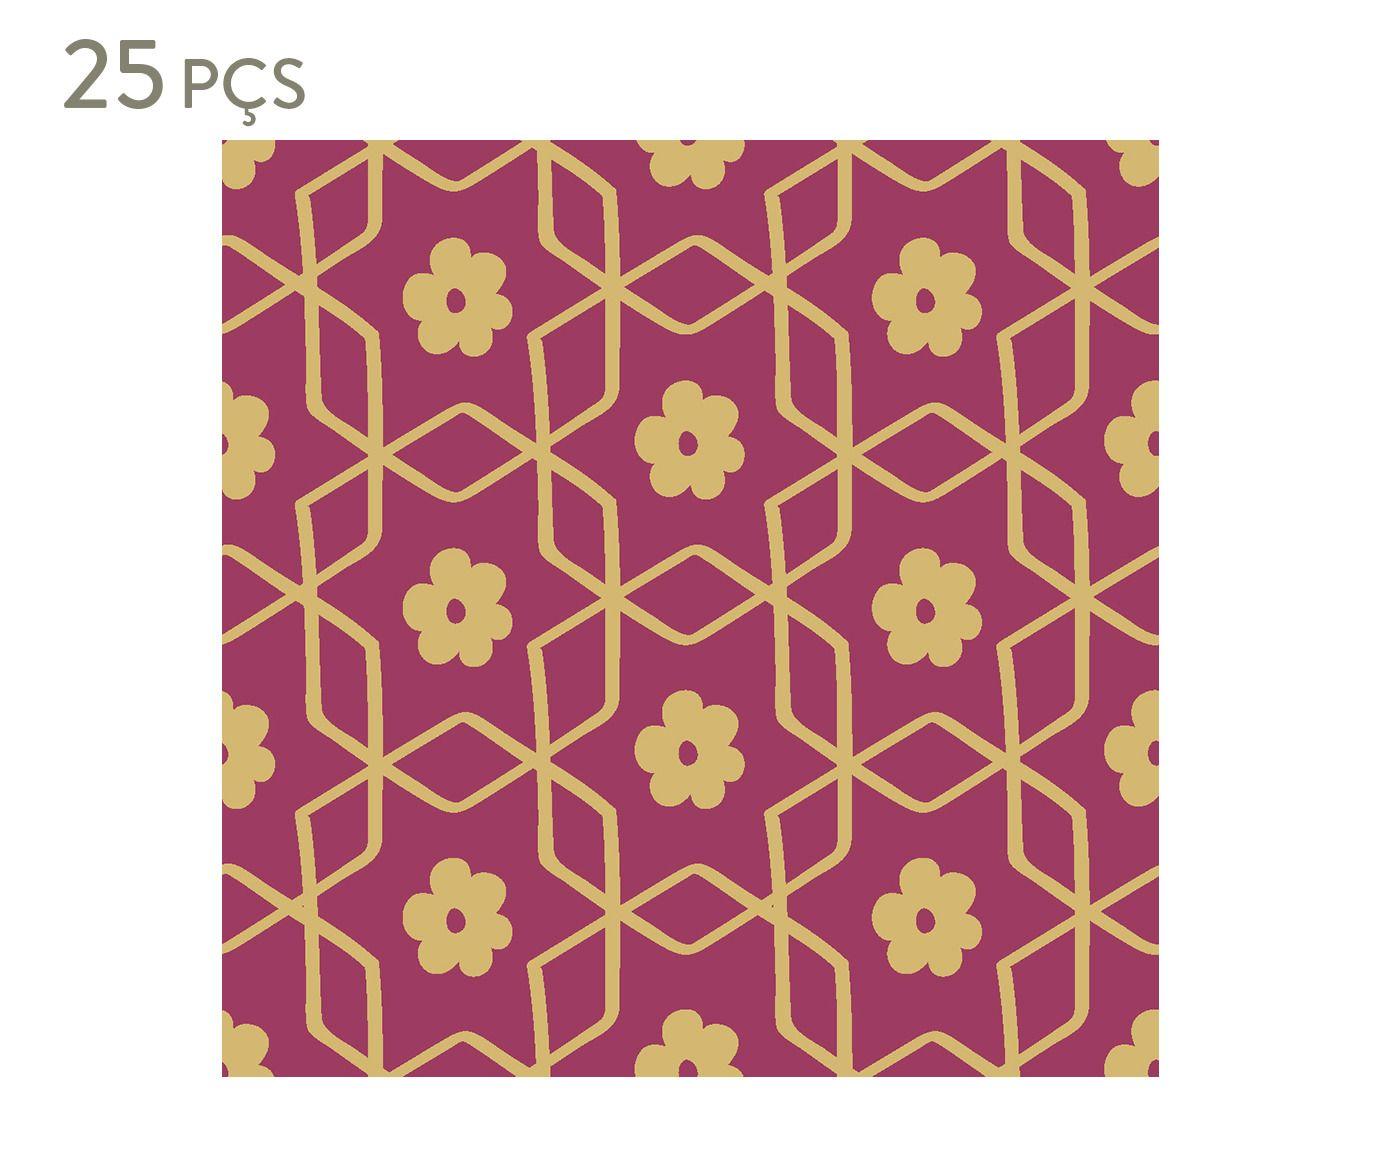 Conjunto de ladrilhos adesivos ermean - 10 cm | Westwing.com.br